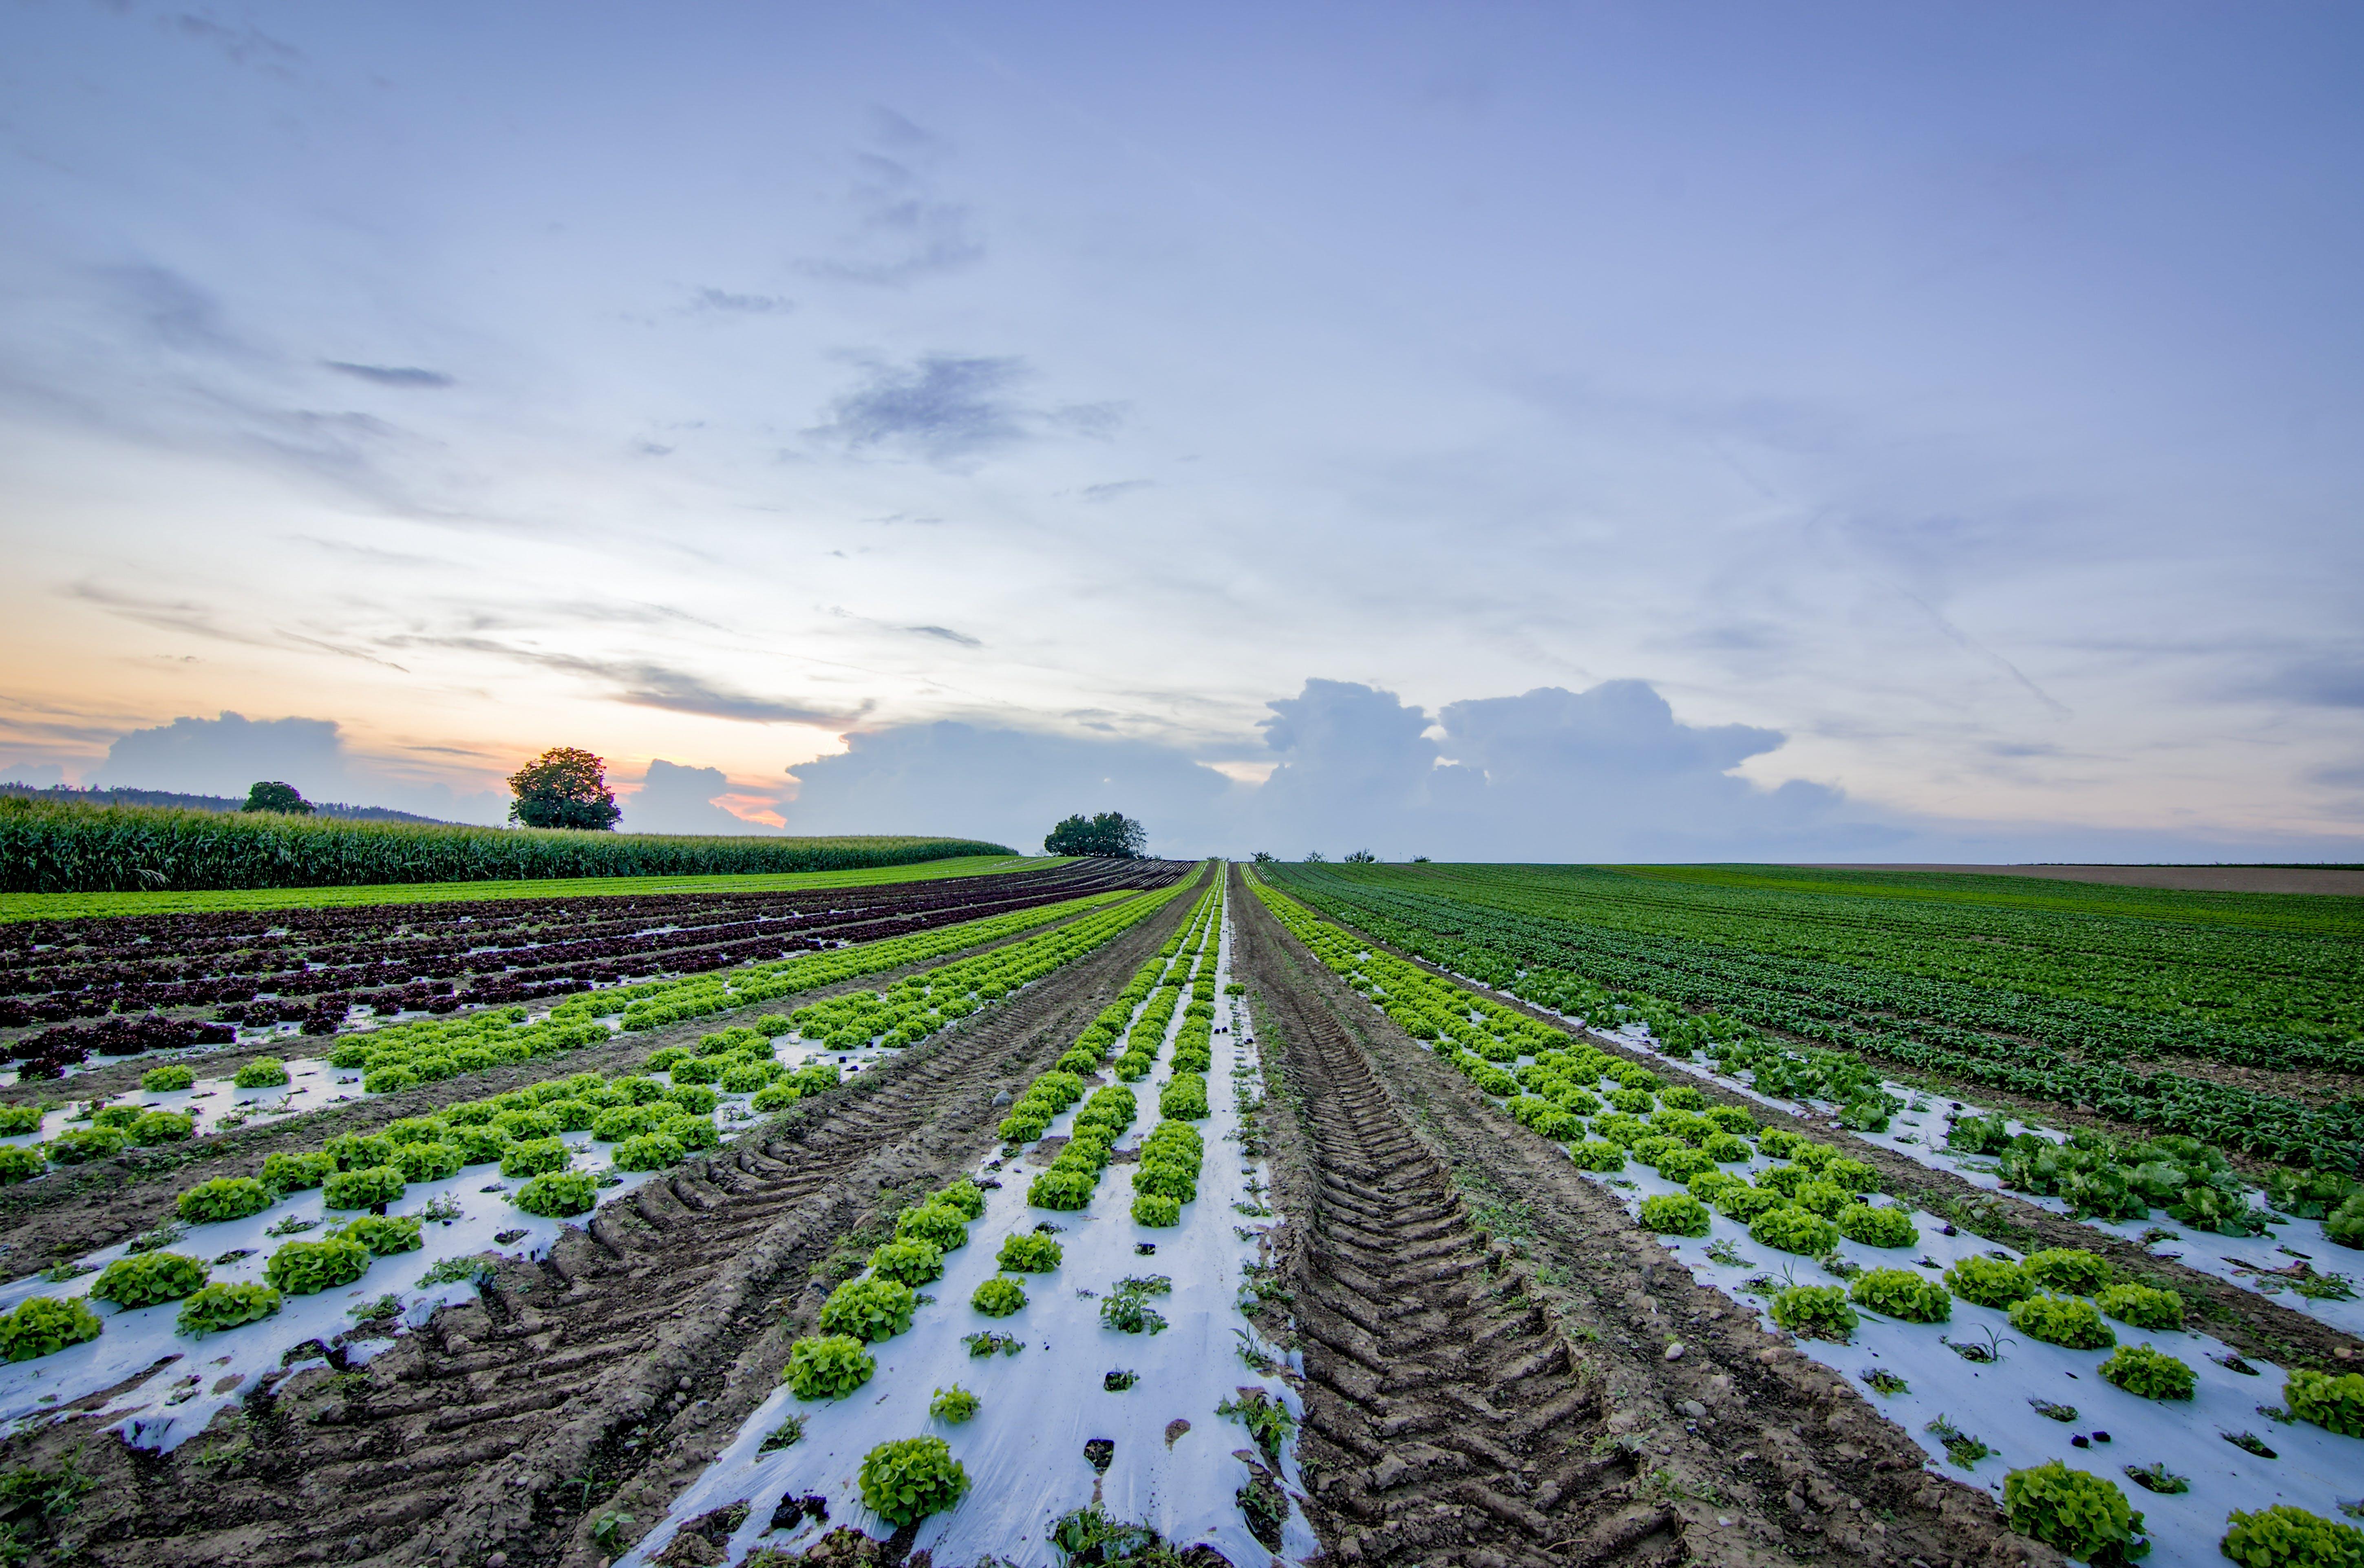 Lettuce Field Near Cornfield